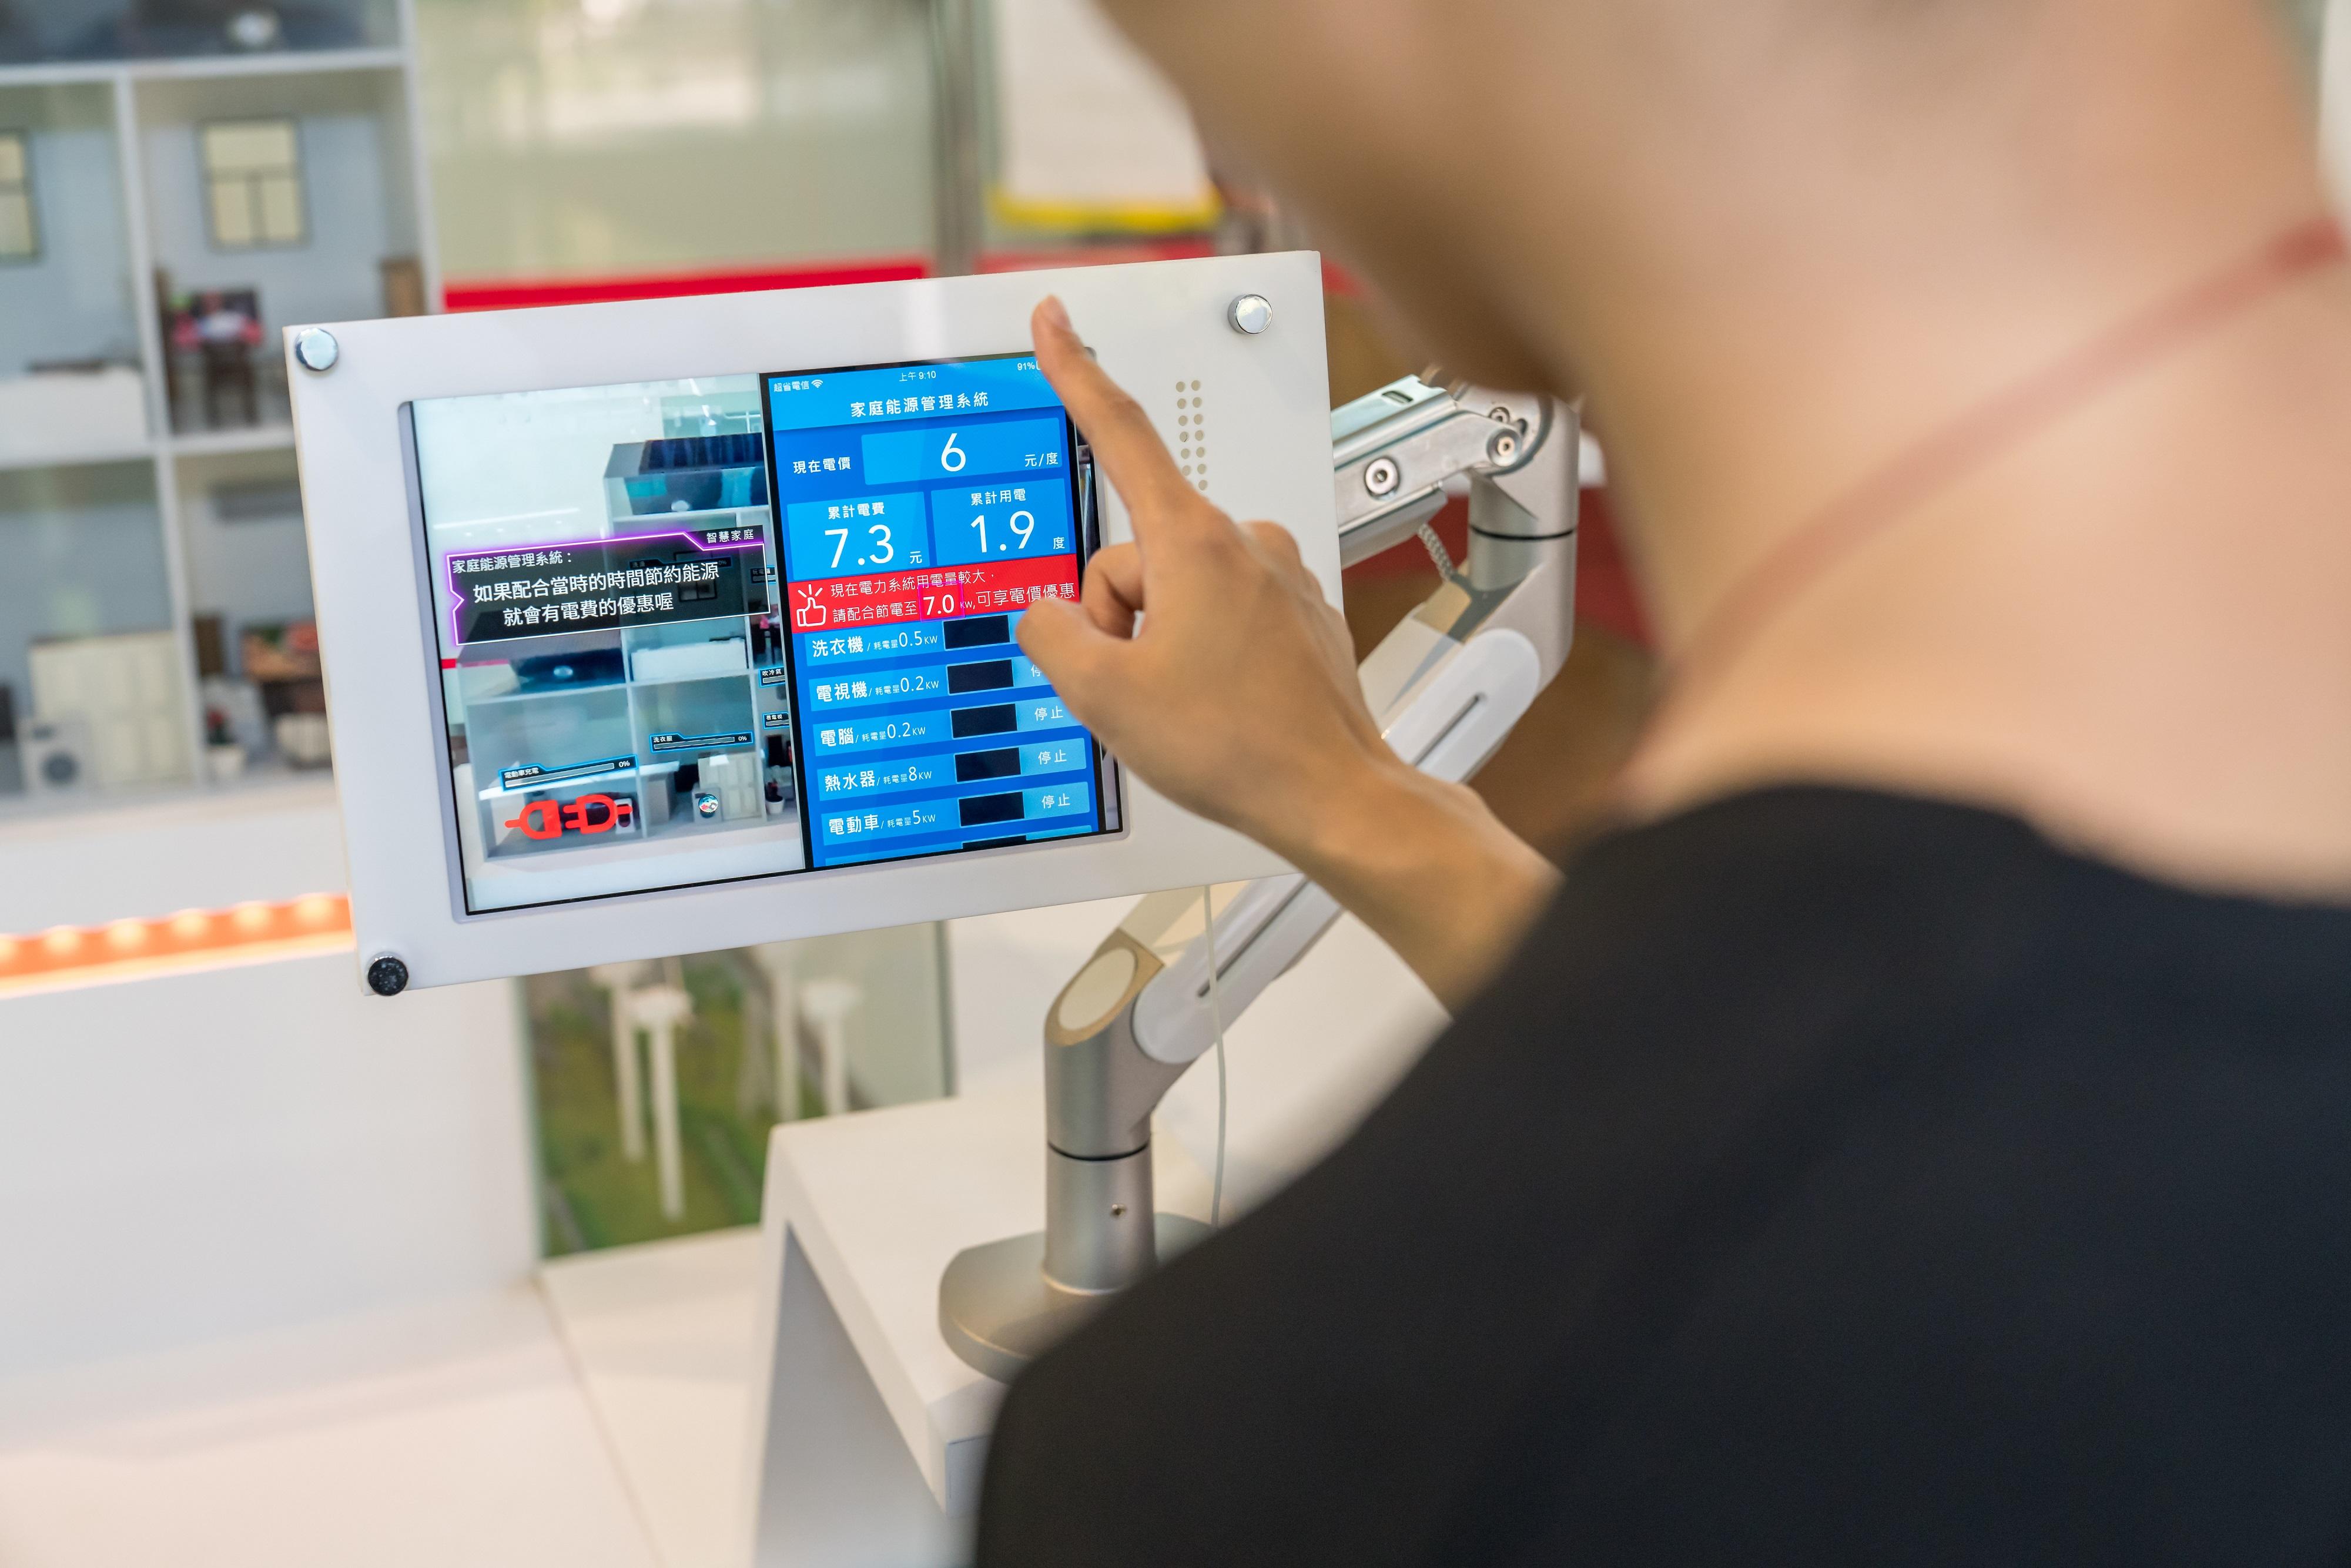 台電智慧電網展示場透過多樣化互動模型裝置、擴增實境(AR)技術及動畫影片介紹智慧電網